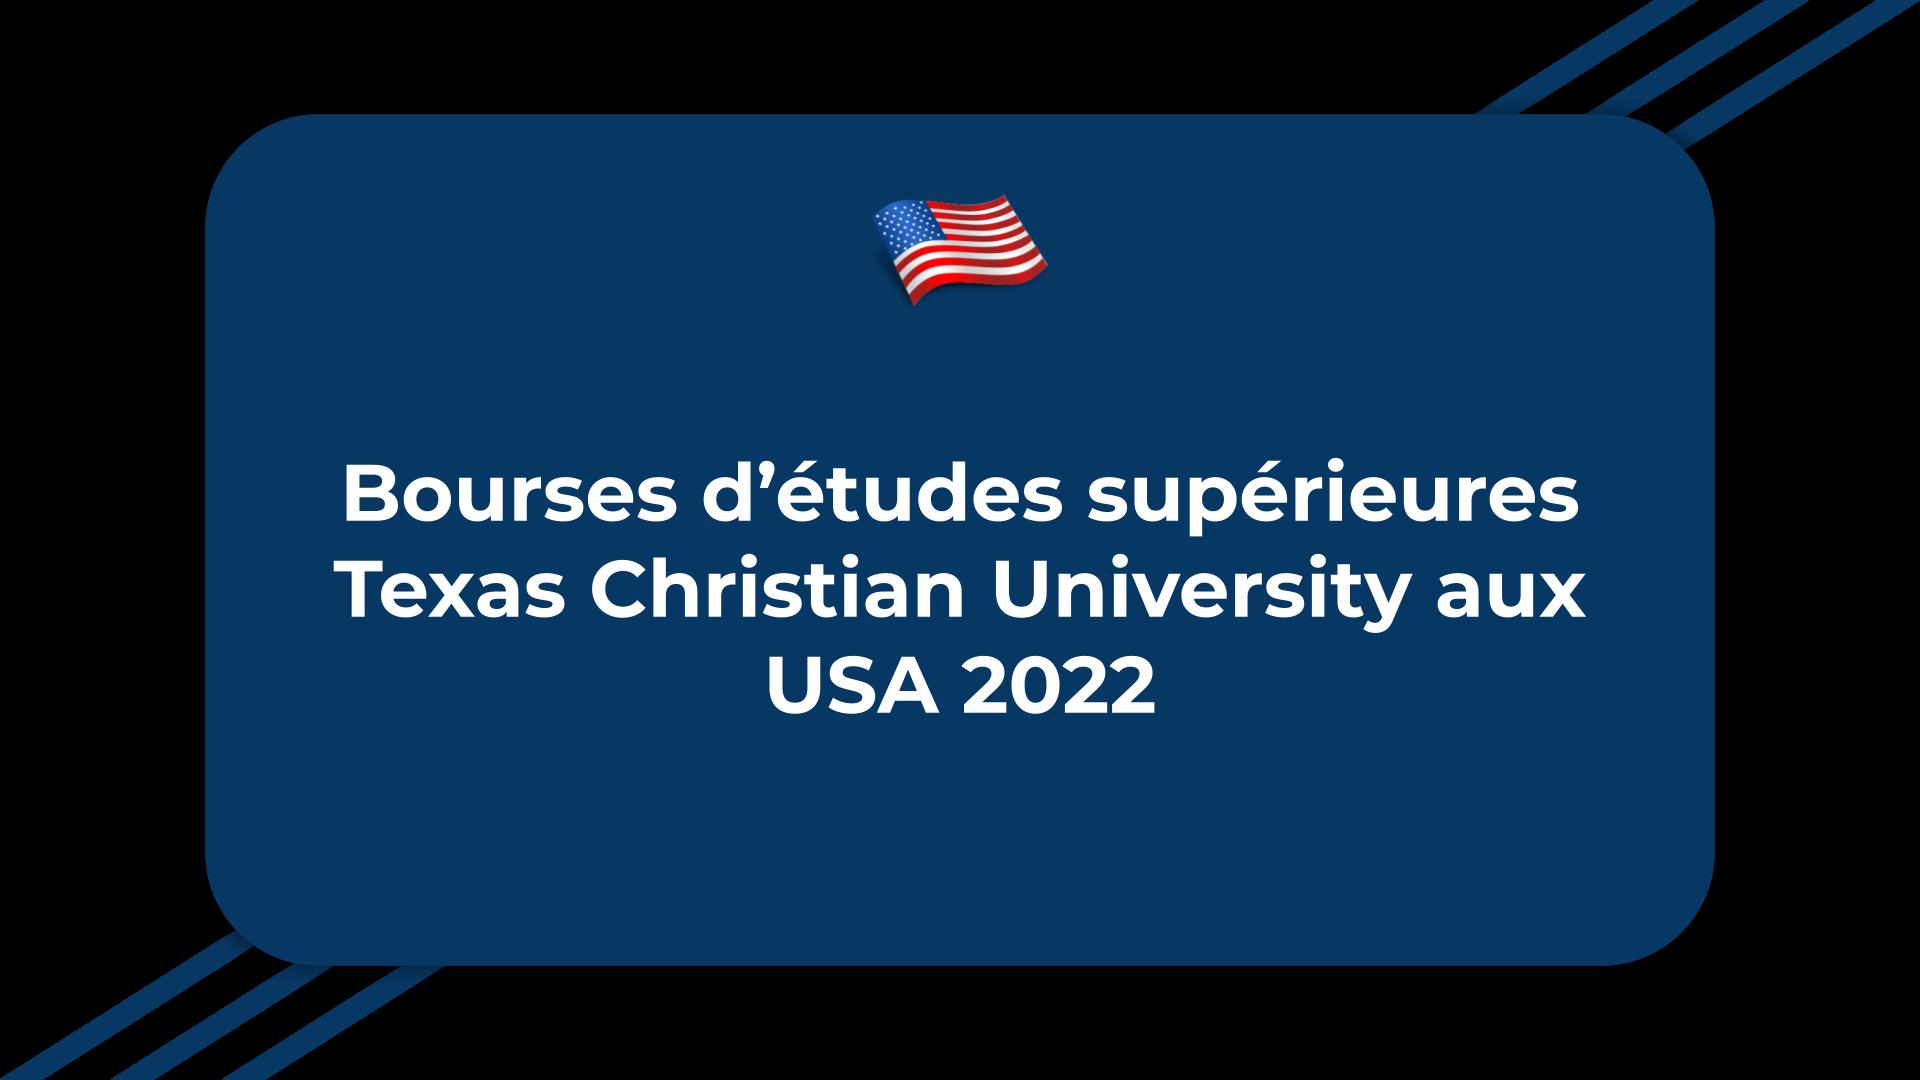 Bourses d'études supérieures Texas Christian University